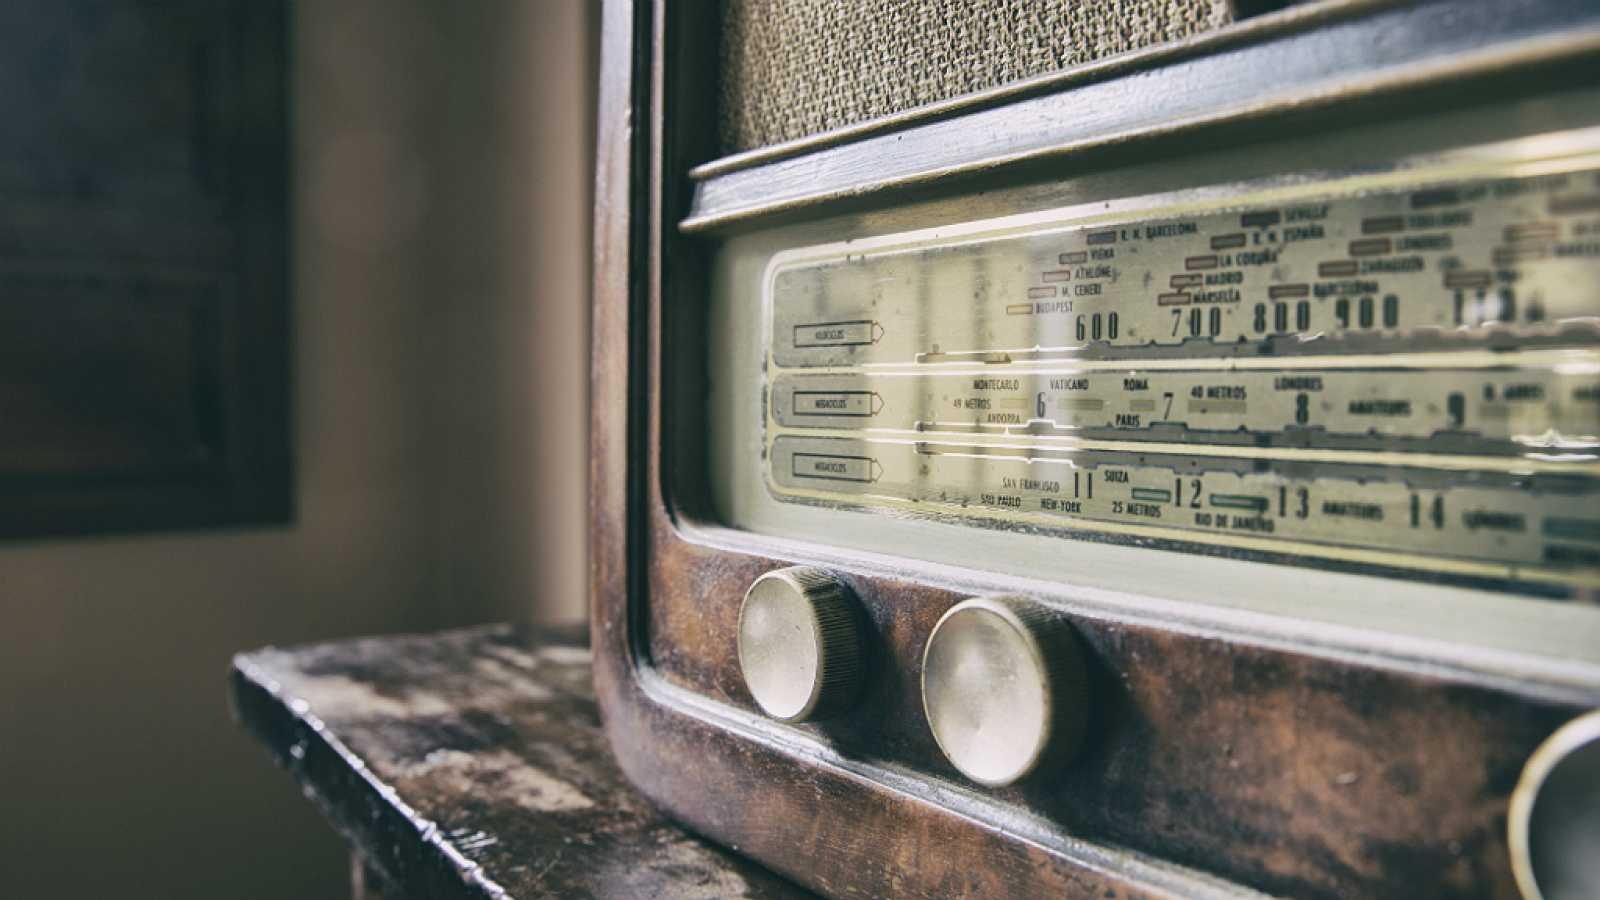 Ondas de ayer - La radio de la CNT - 27/02/18 - Escuchar ahora